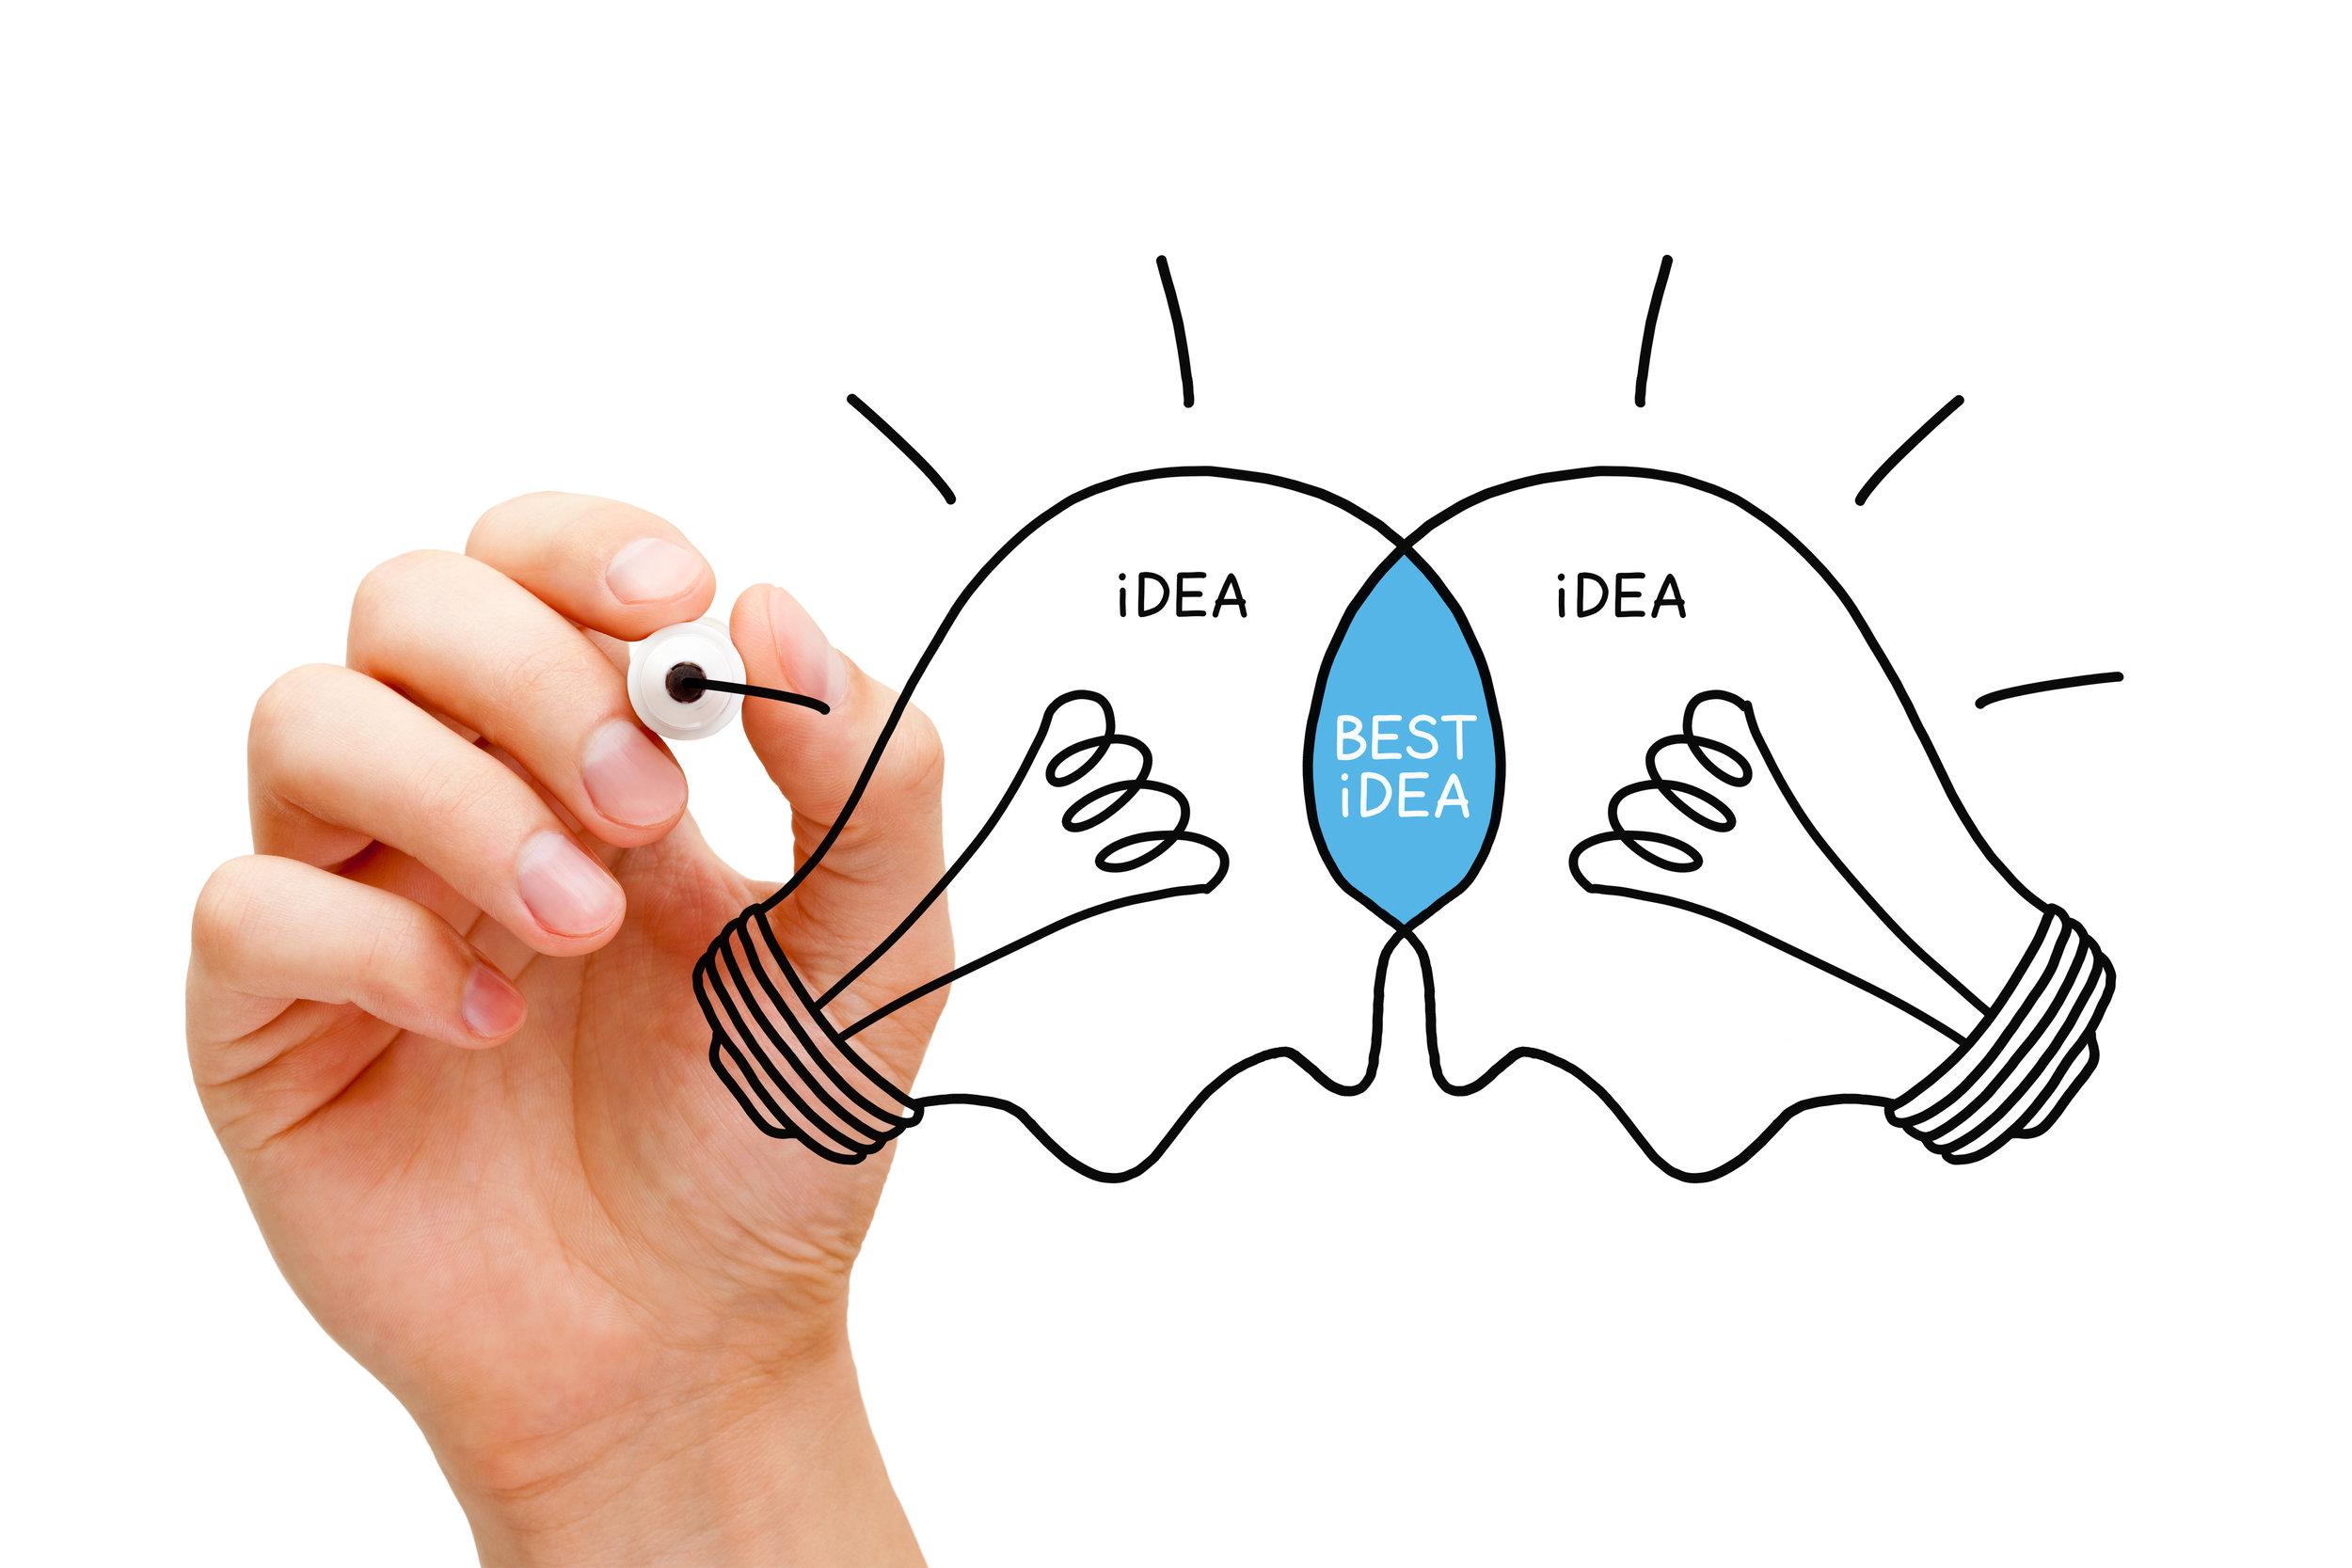 bigstock-Best-Idea-Light-Bulbs-Concept-67921225.jpg